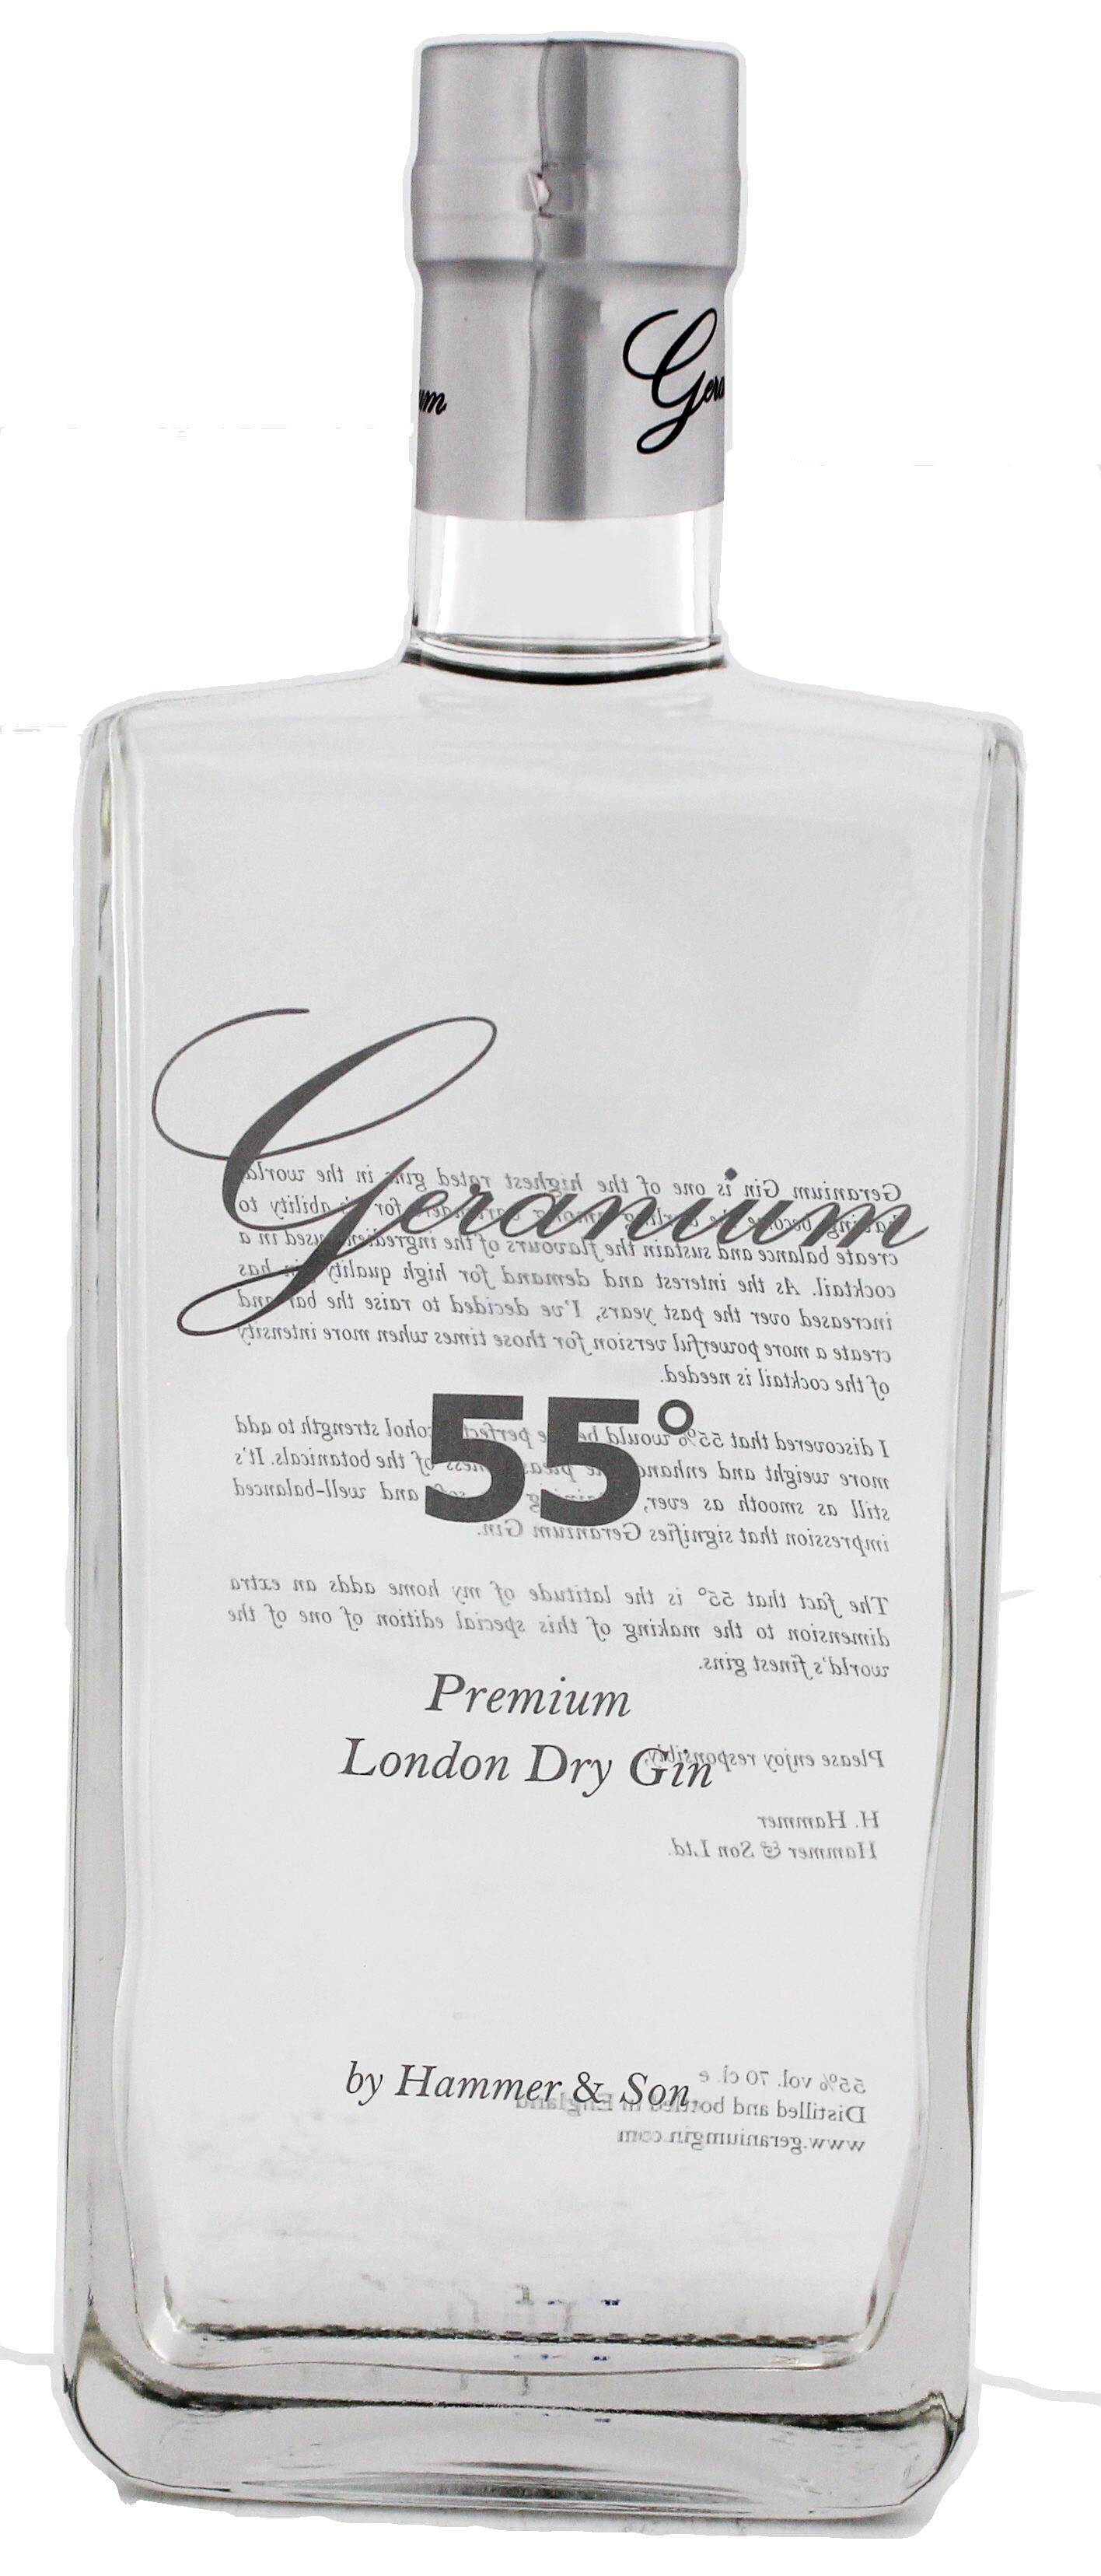 geranium 55 gin jetzt kaufen gin online shop. Black Bedroom Furniture Sets. Home Design Ideas